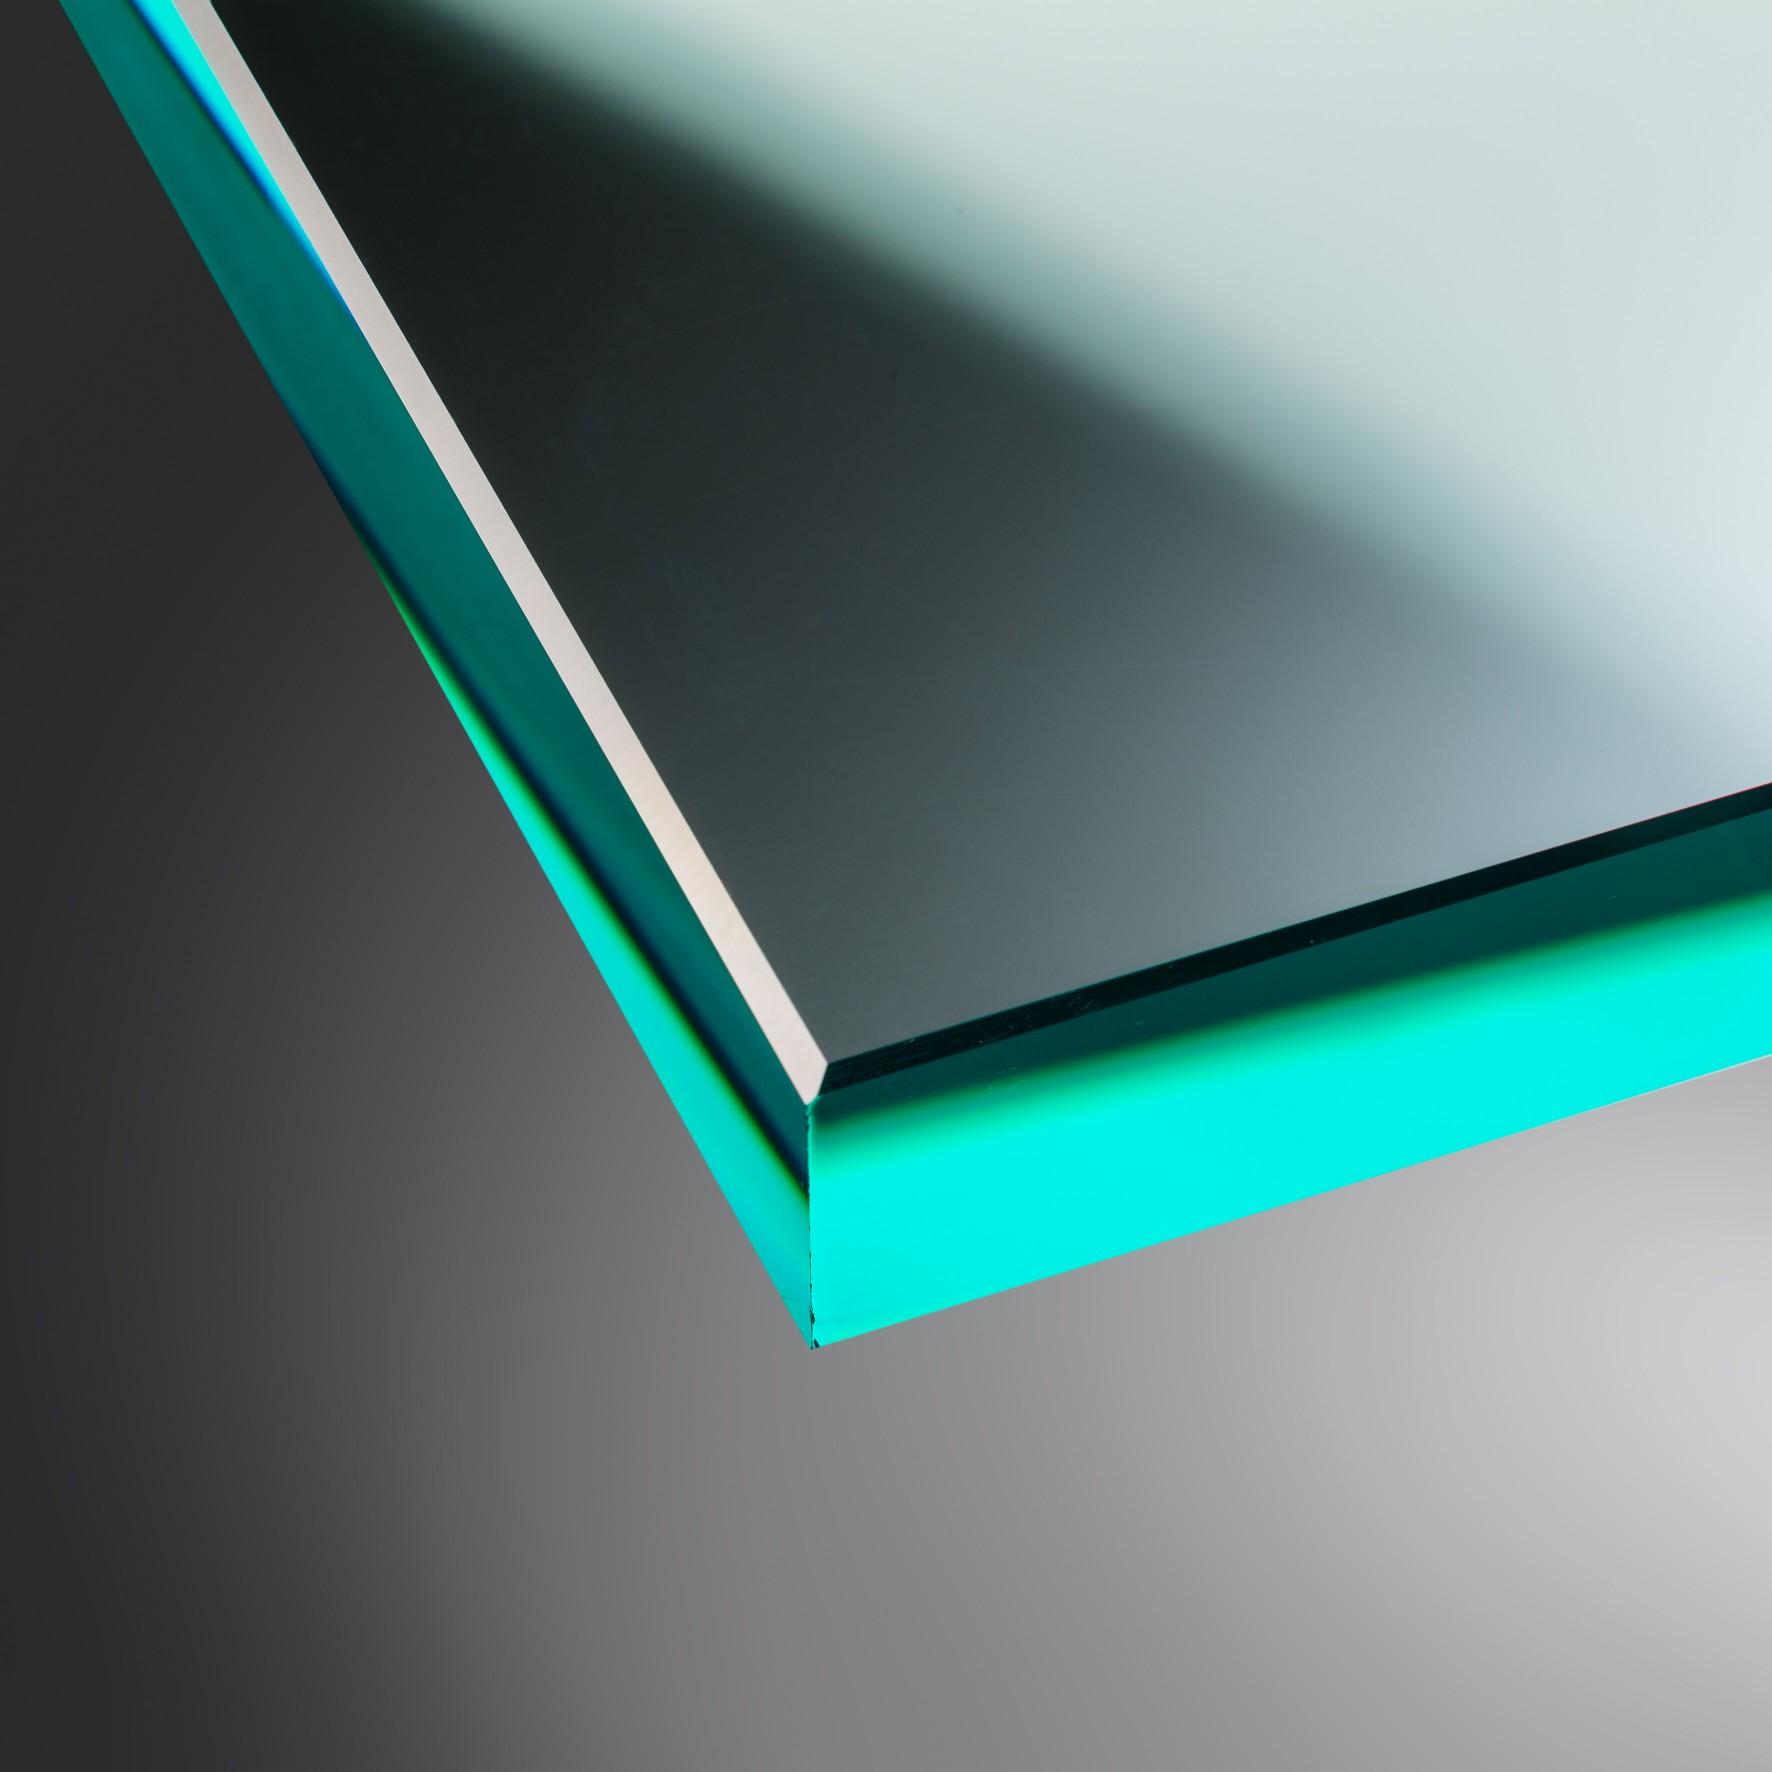 Ecken gesto/ßen Nach Ma/ß bis 40 x 120 cm klar durchsichtig biege- und sto/ßbelastbar. Einscheibensicherheitsglas nach DIN Glasplatten ESG 8mm 400 x 1200 mm Kanten geschliffen und poliert